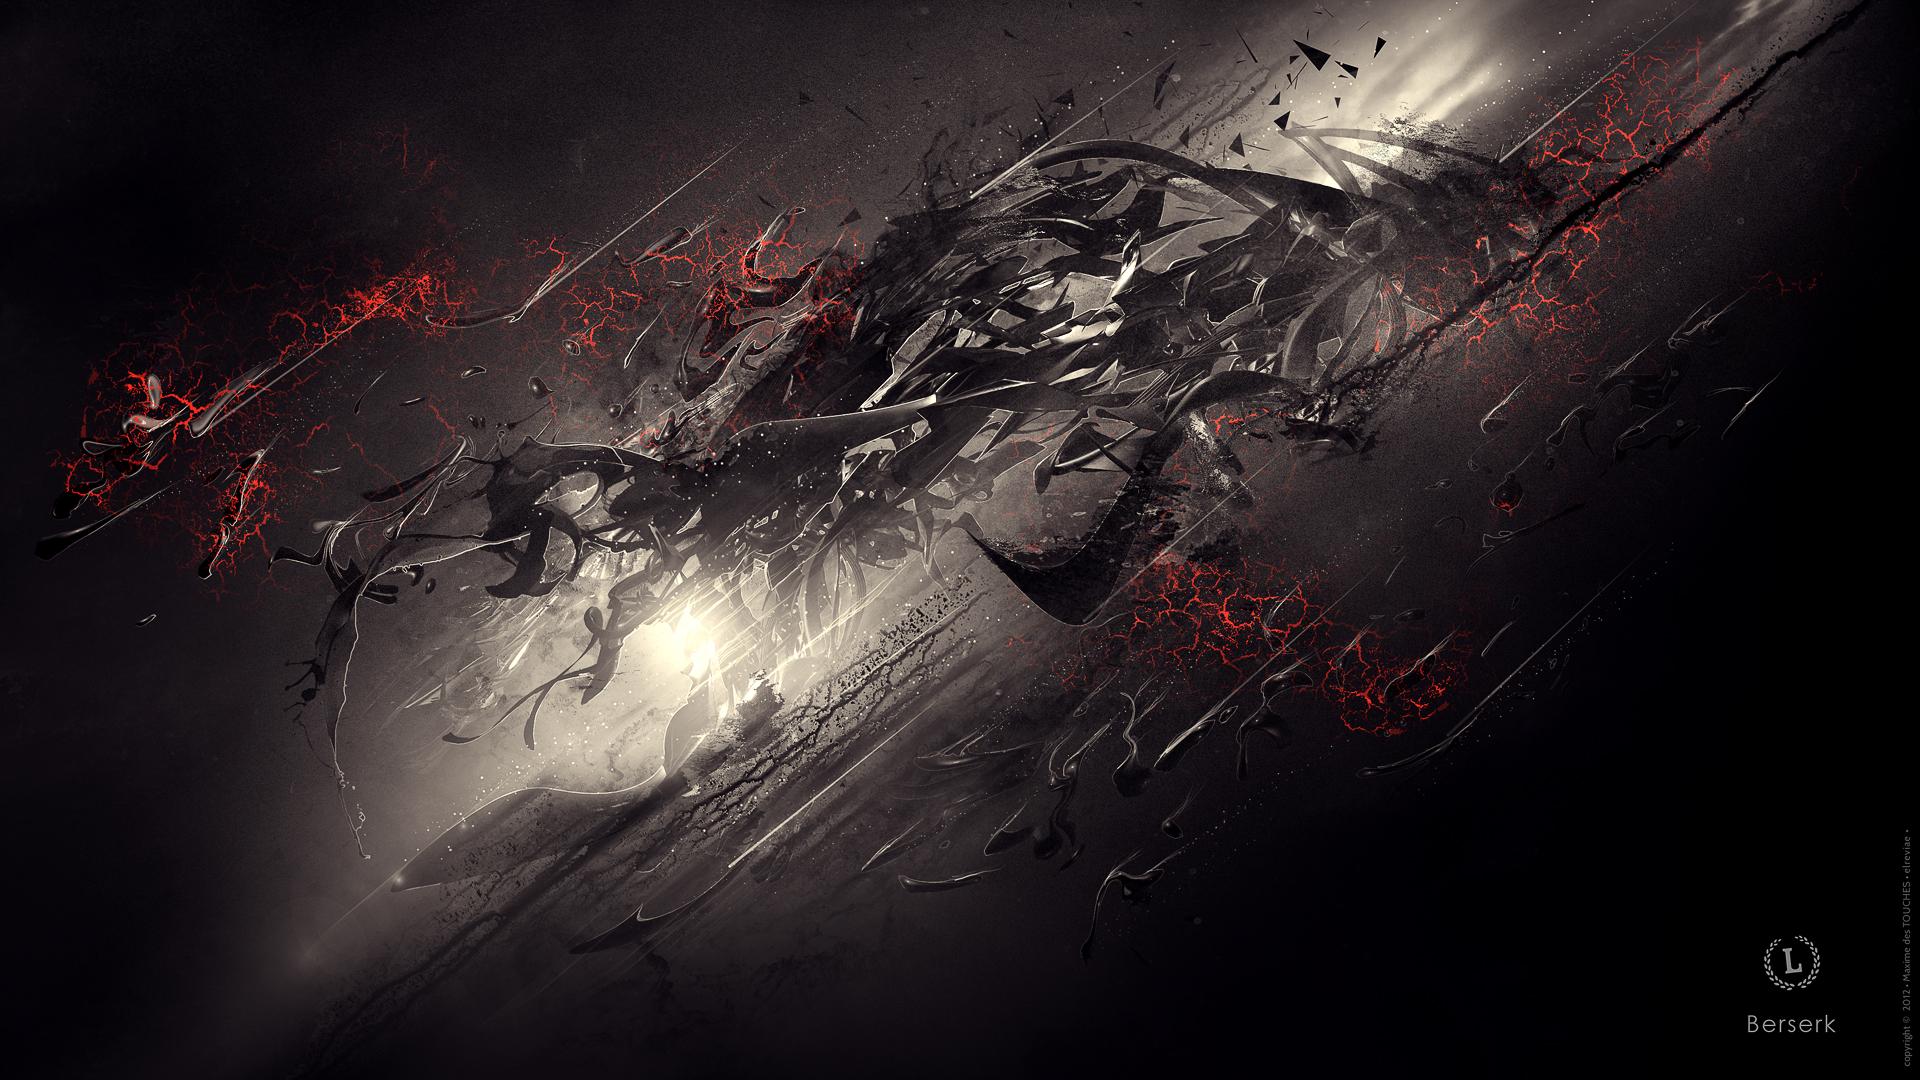 Berserk abstract digital artworks